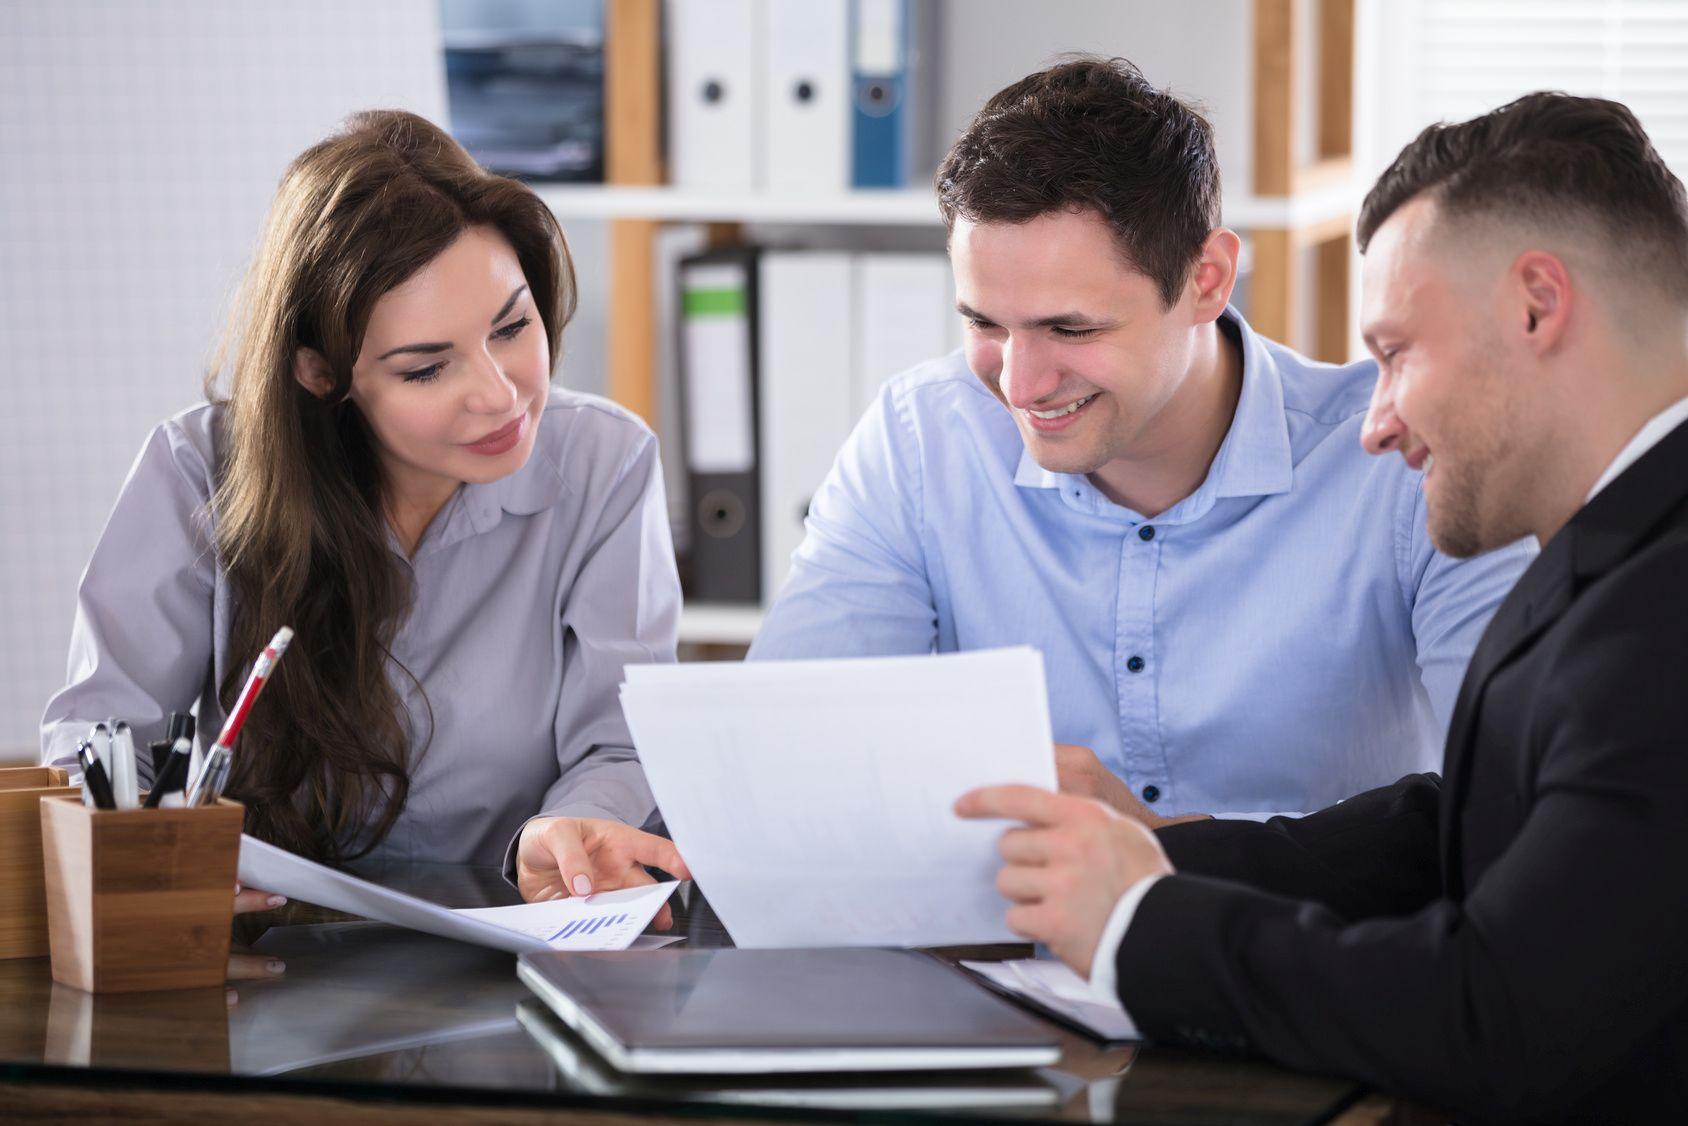 czym się zajmuje doradca finansowy 1 - Training Auditing HR Processes